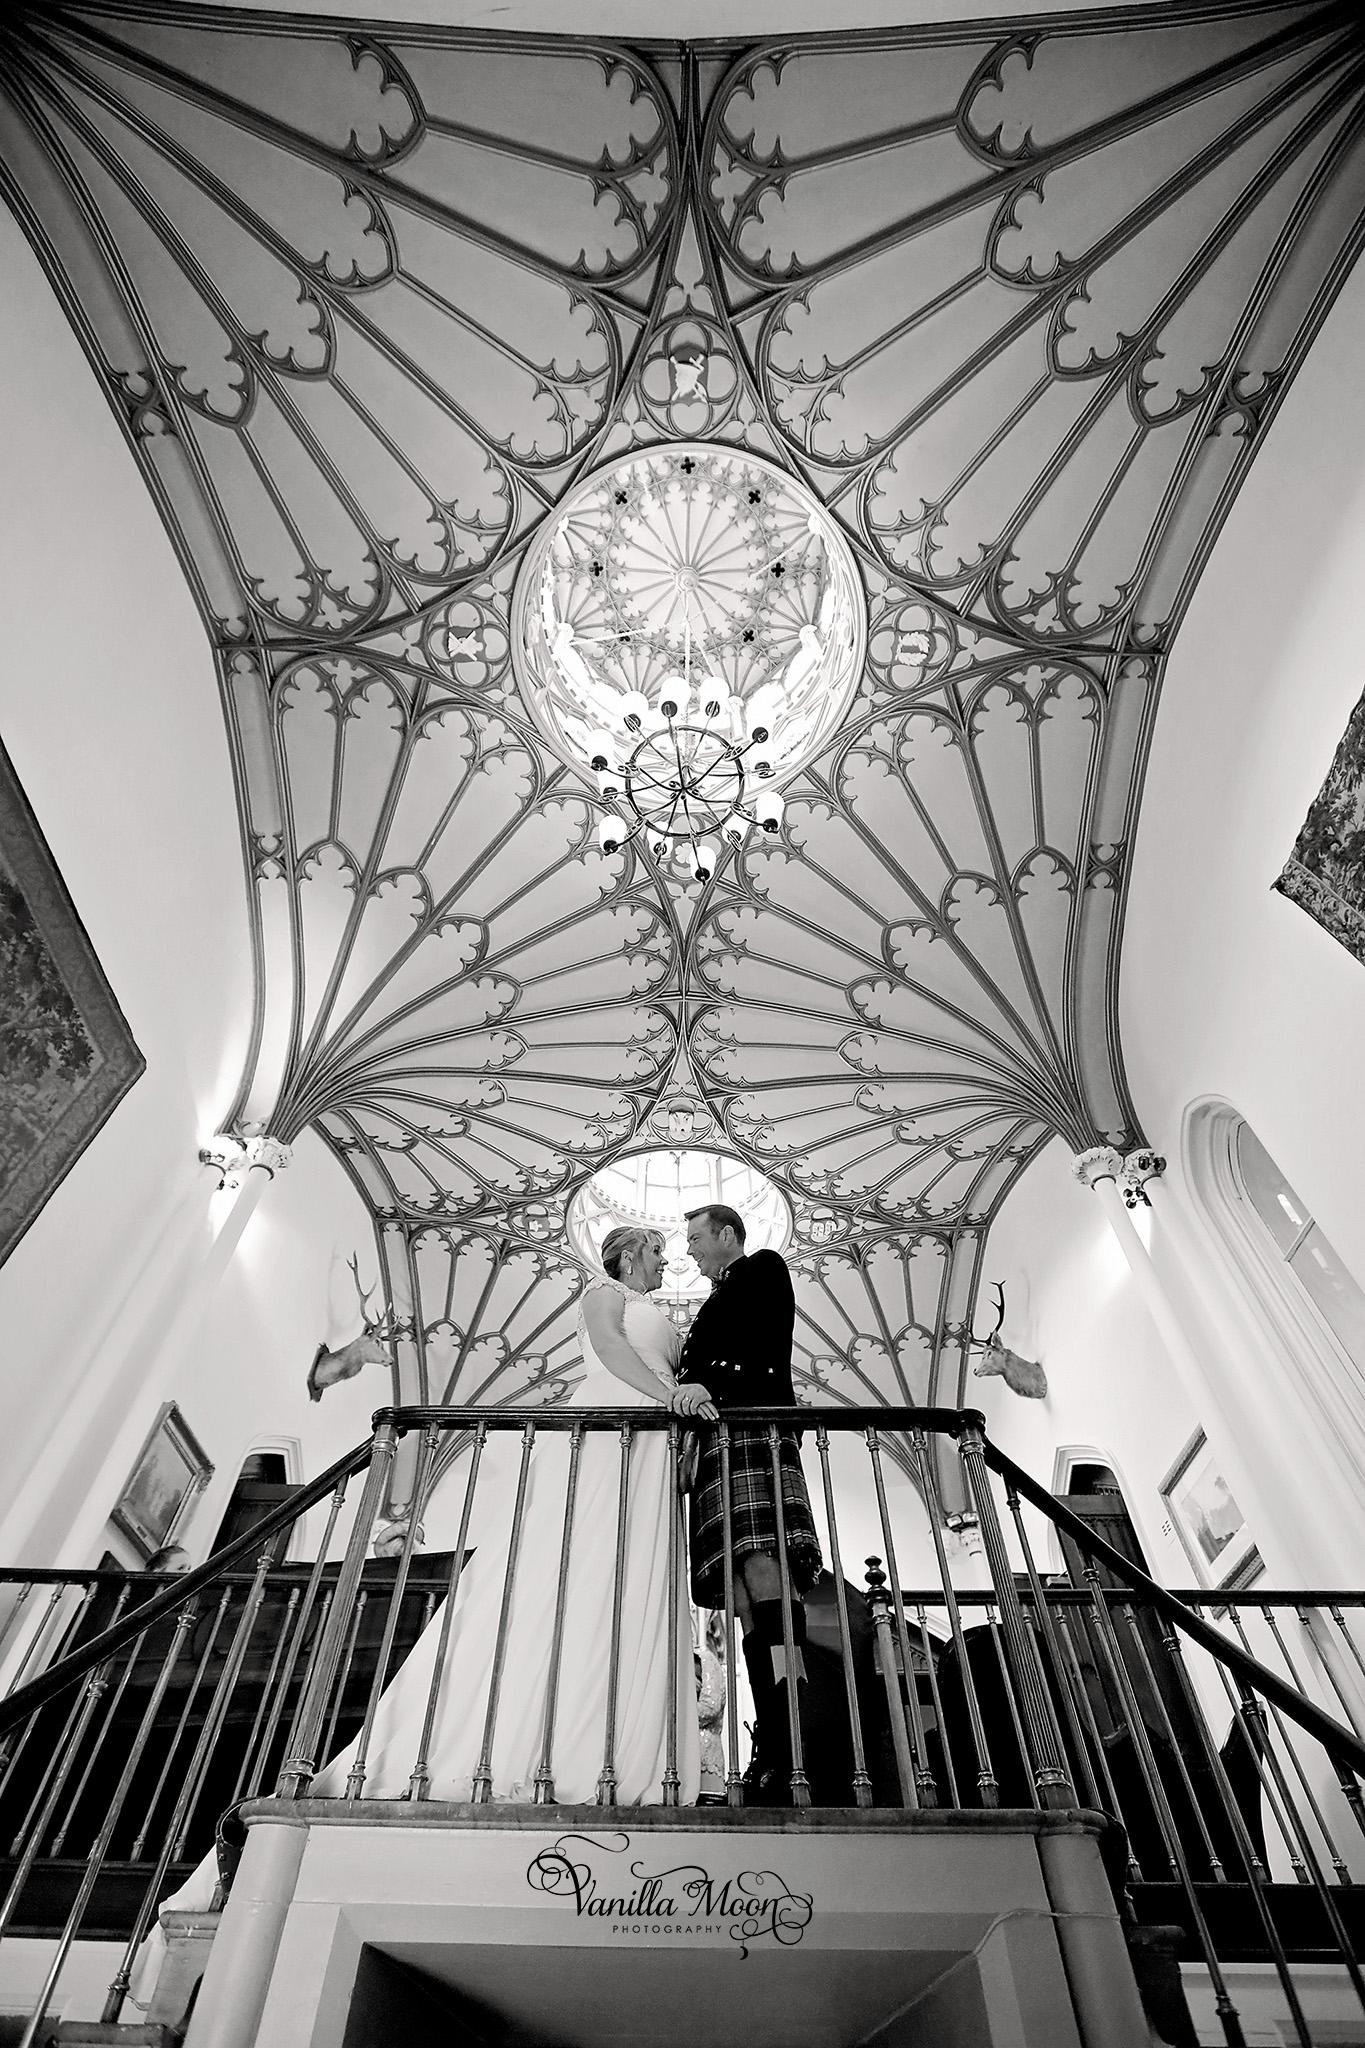 Dalhousie Midlothian Scotland wedding photography